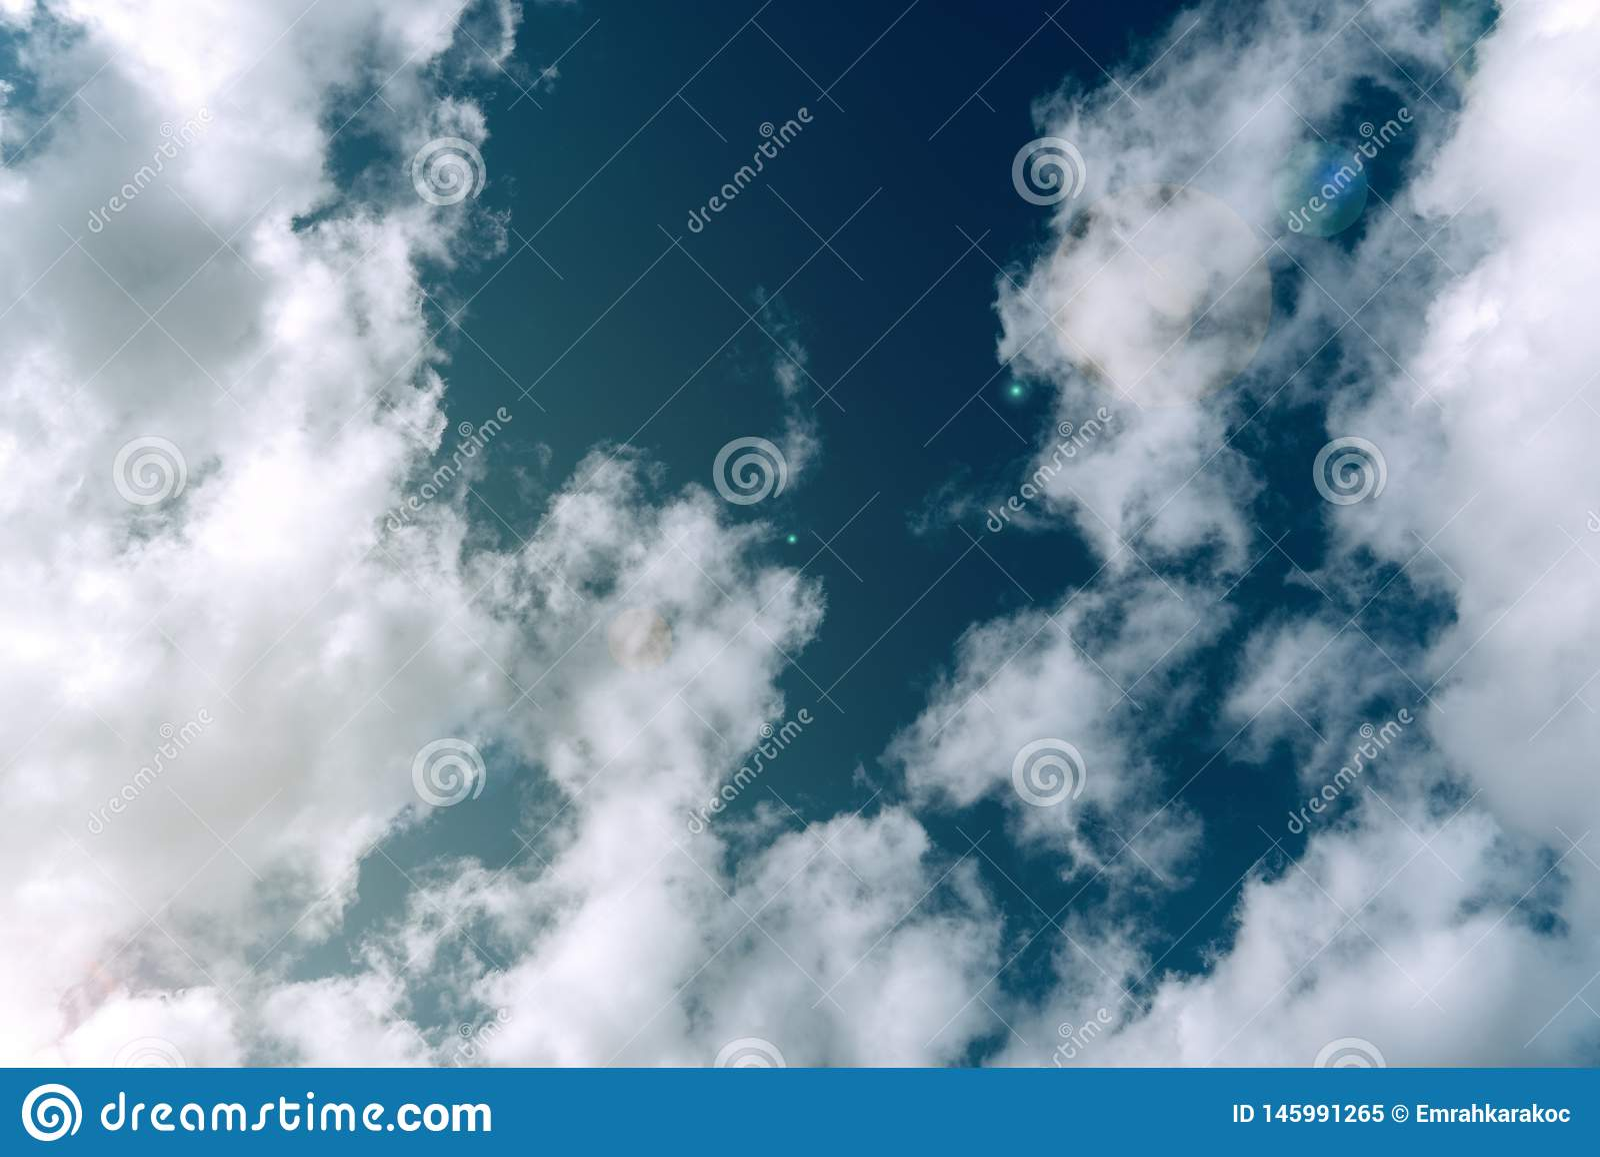 Sky between clouds weather